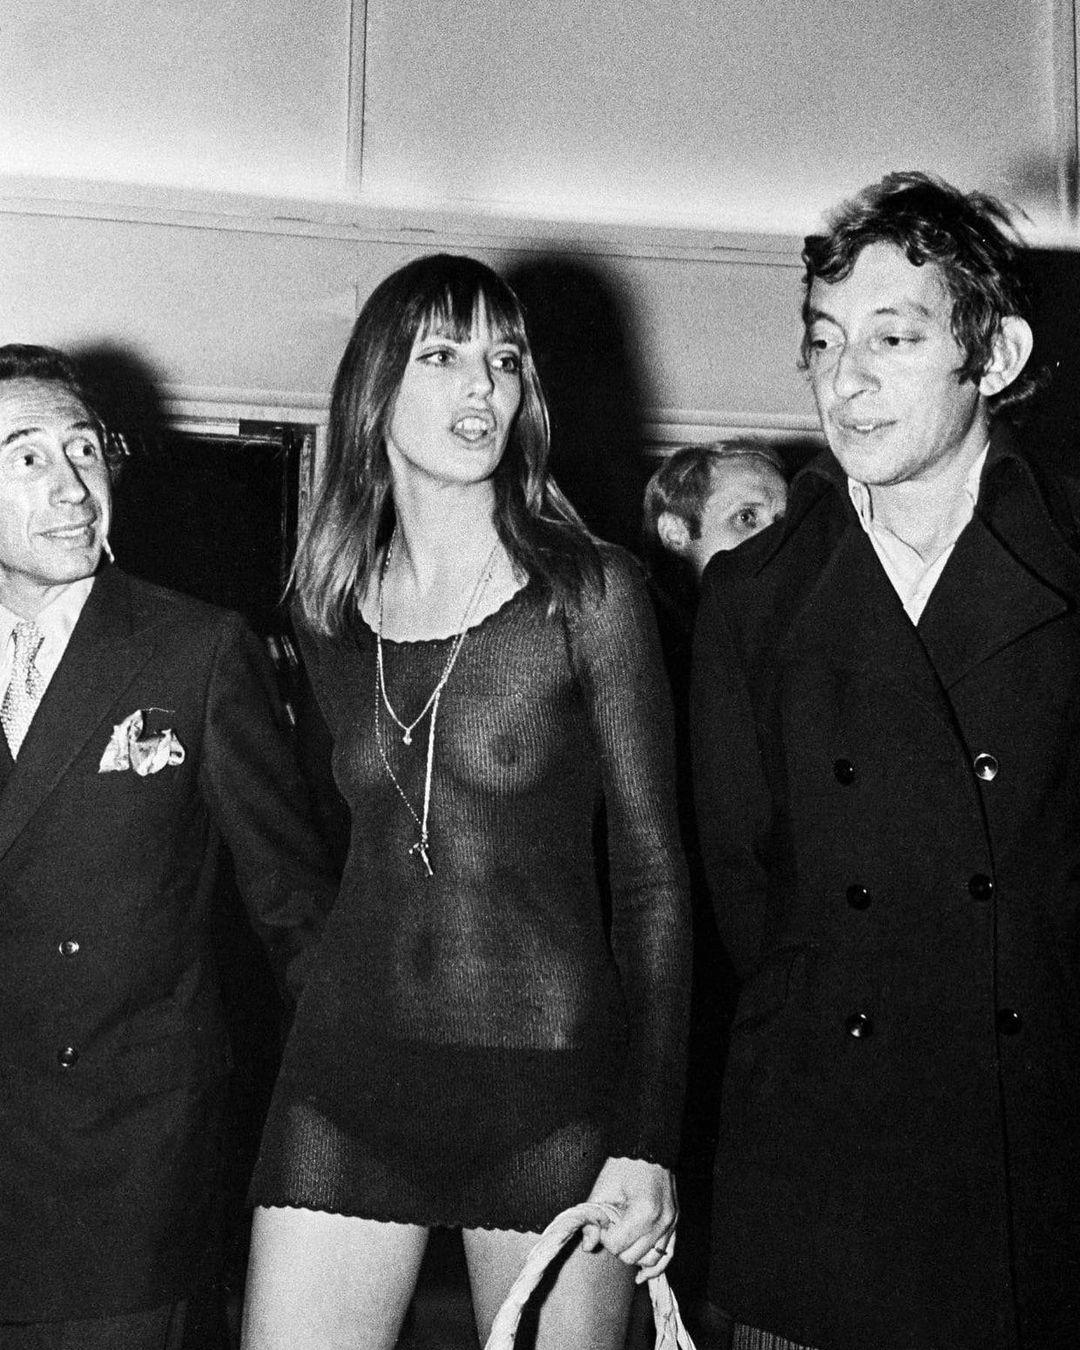 Джейн Биркин и Серж Генсбур на премьере фильма «Слоган» в Париже, 1969